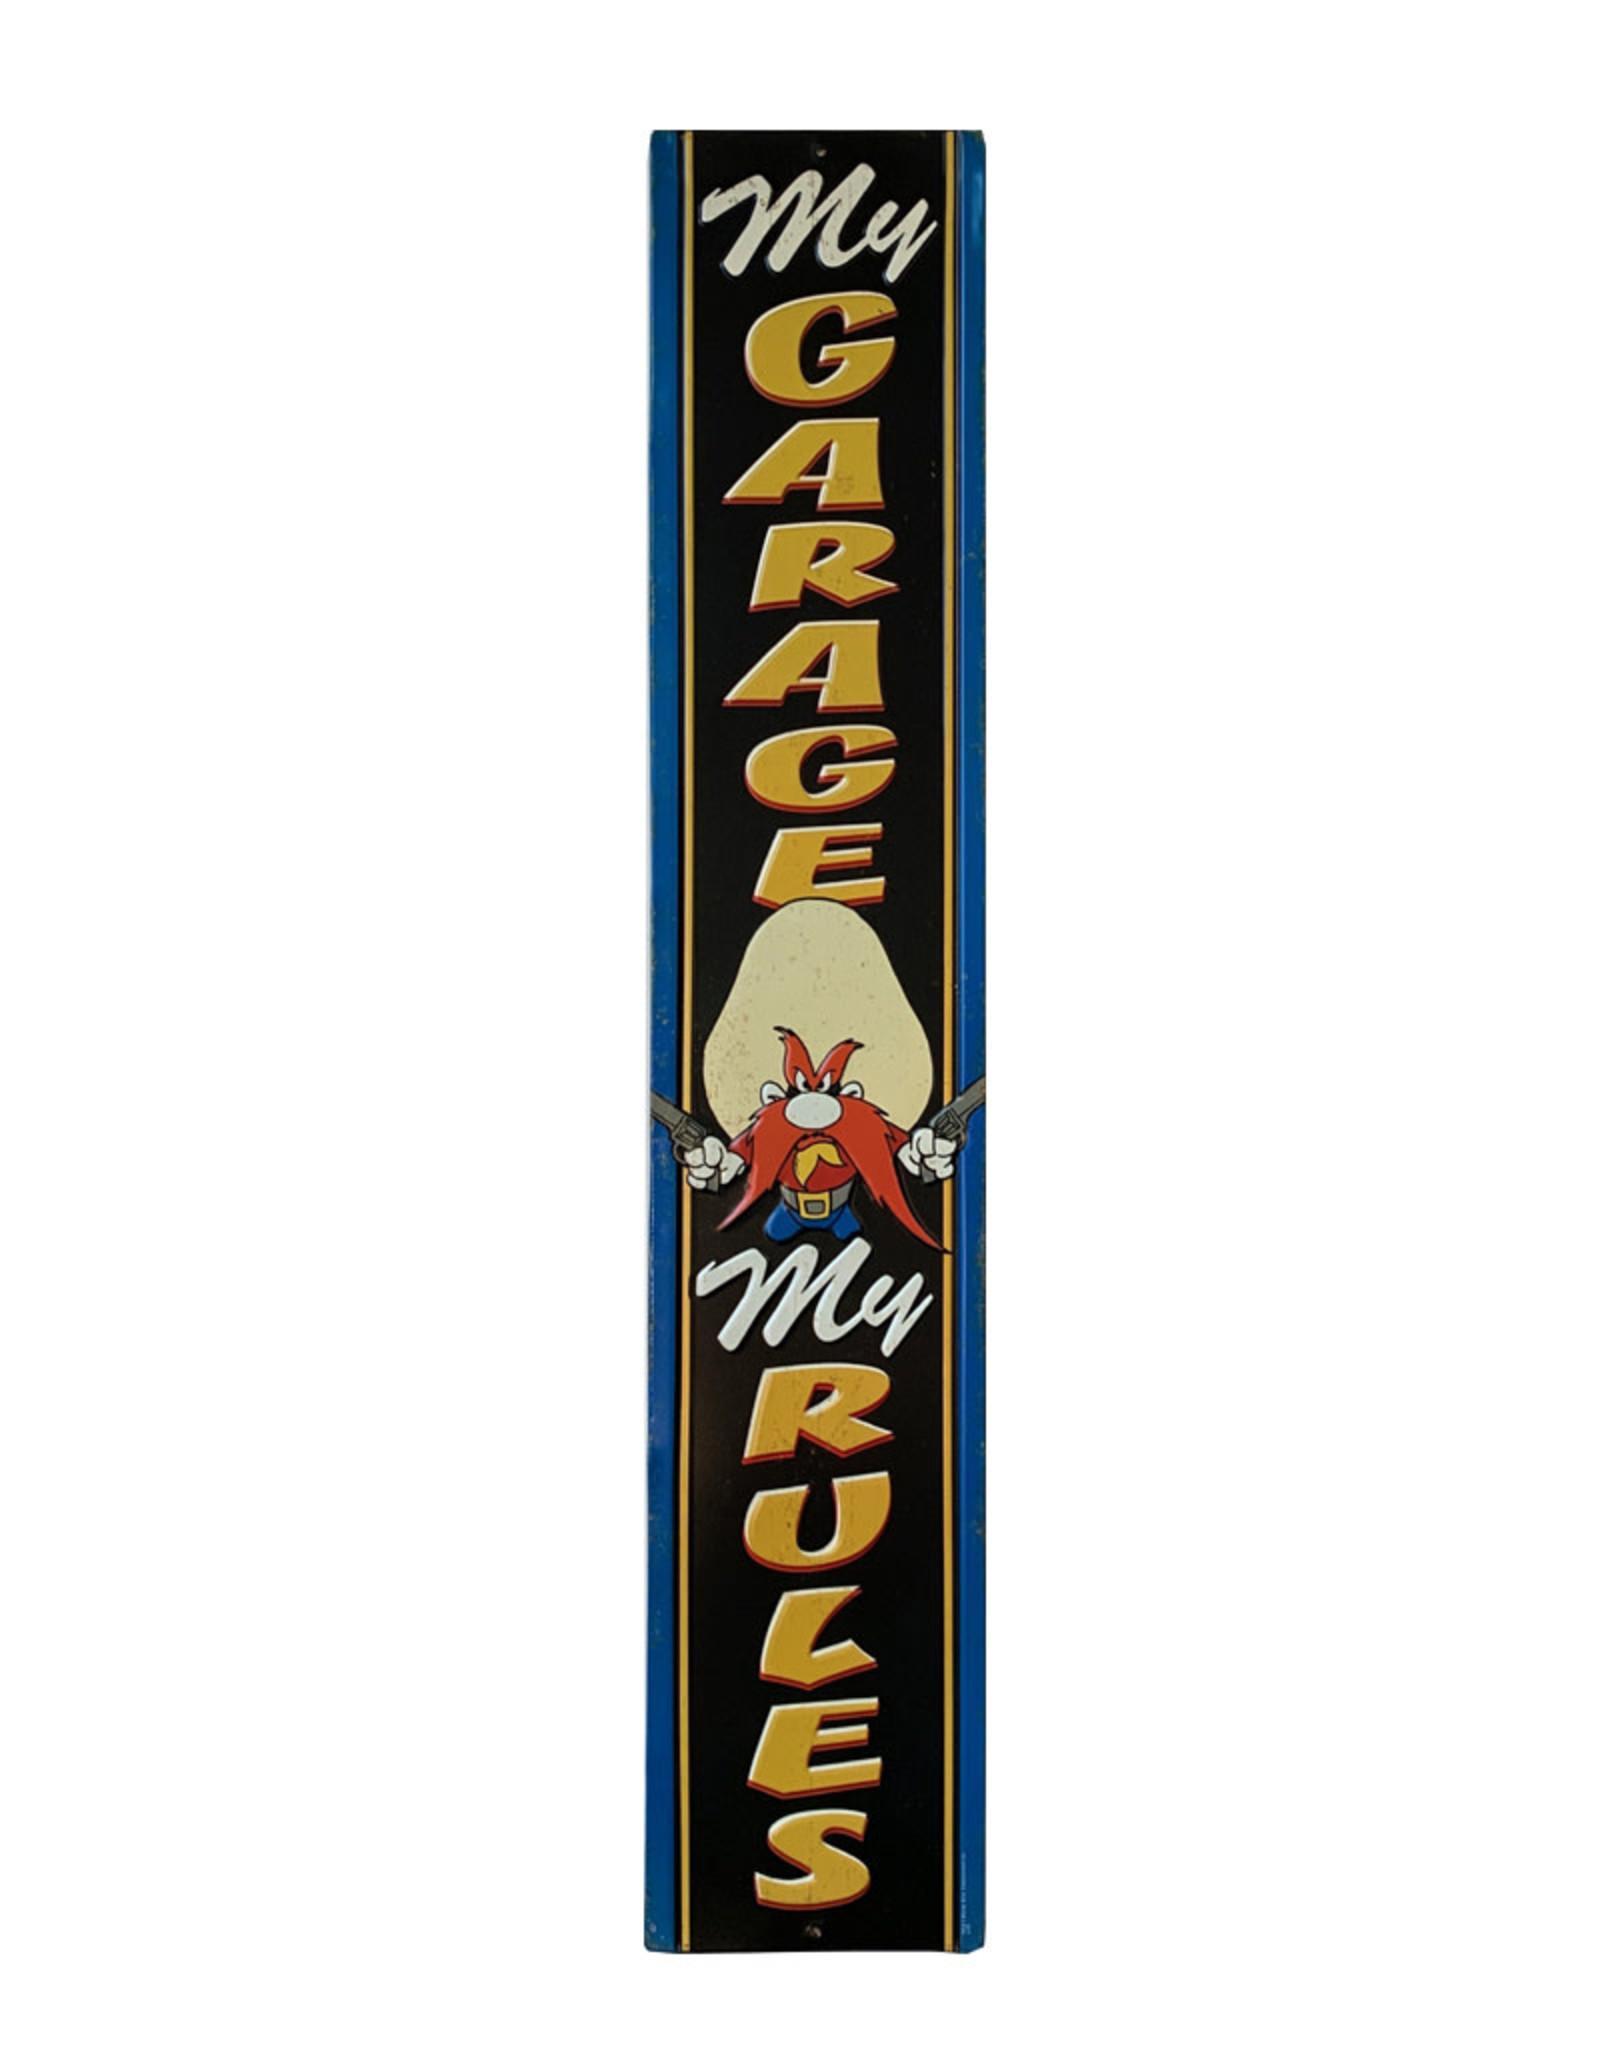 Looney Tunes ( Embossed Metal Plate ) Sammy Sam : my garage, my rules